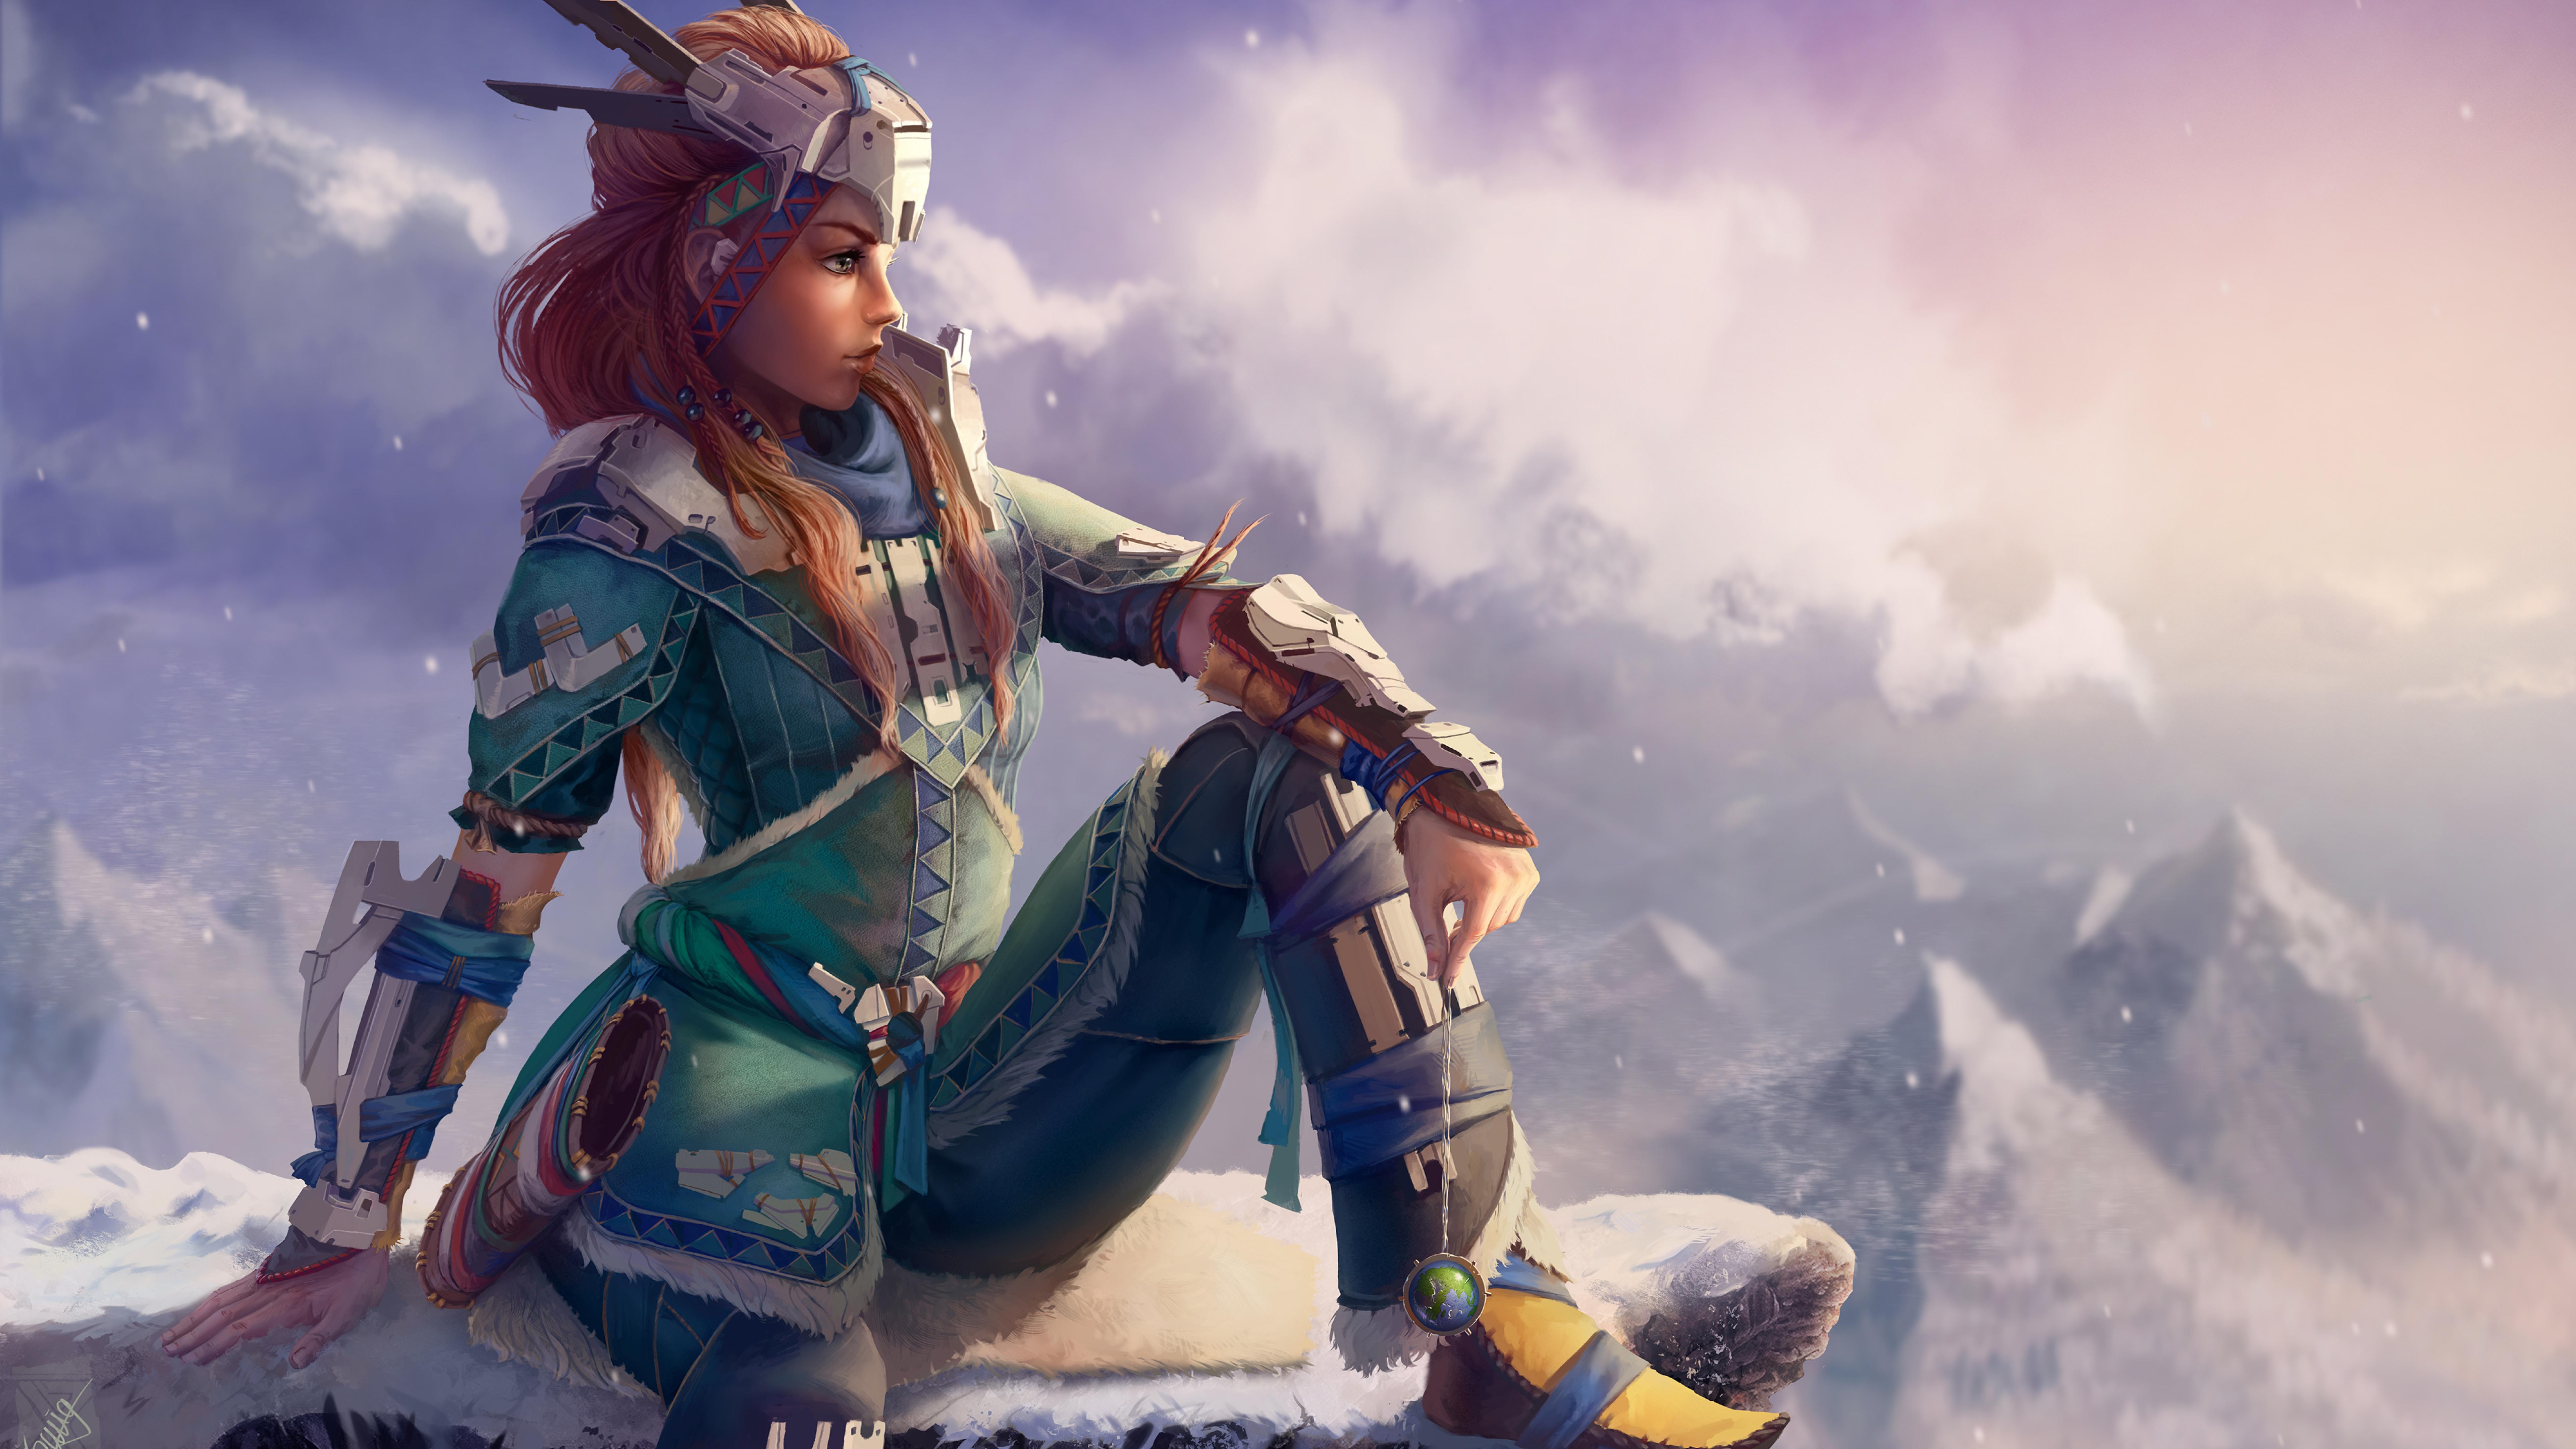 7680x4320 Horizon Zero Dawn Aloy Artwork 8k Wallpaper Hd Games 4k